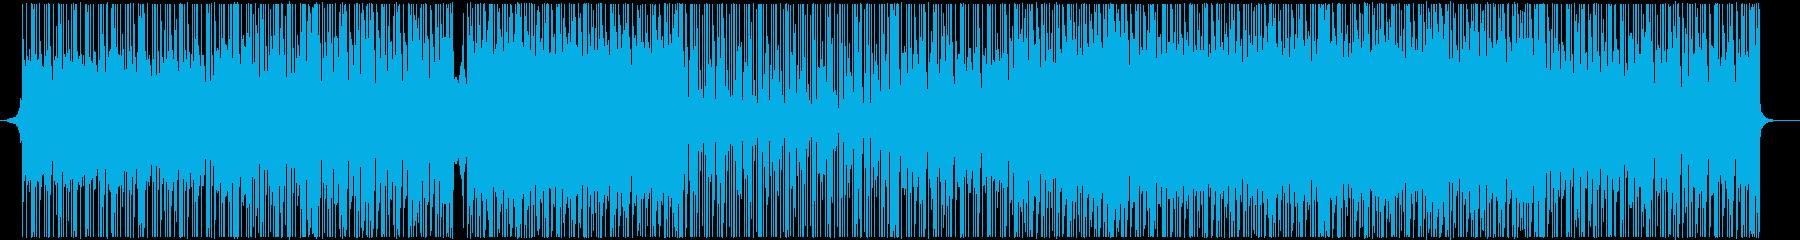 明るく前進感のあるエレキギターシンセの再生済みの波形